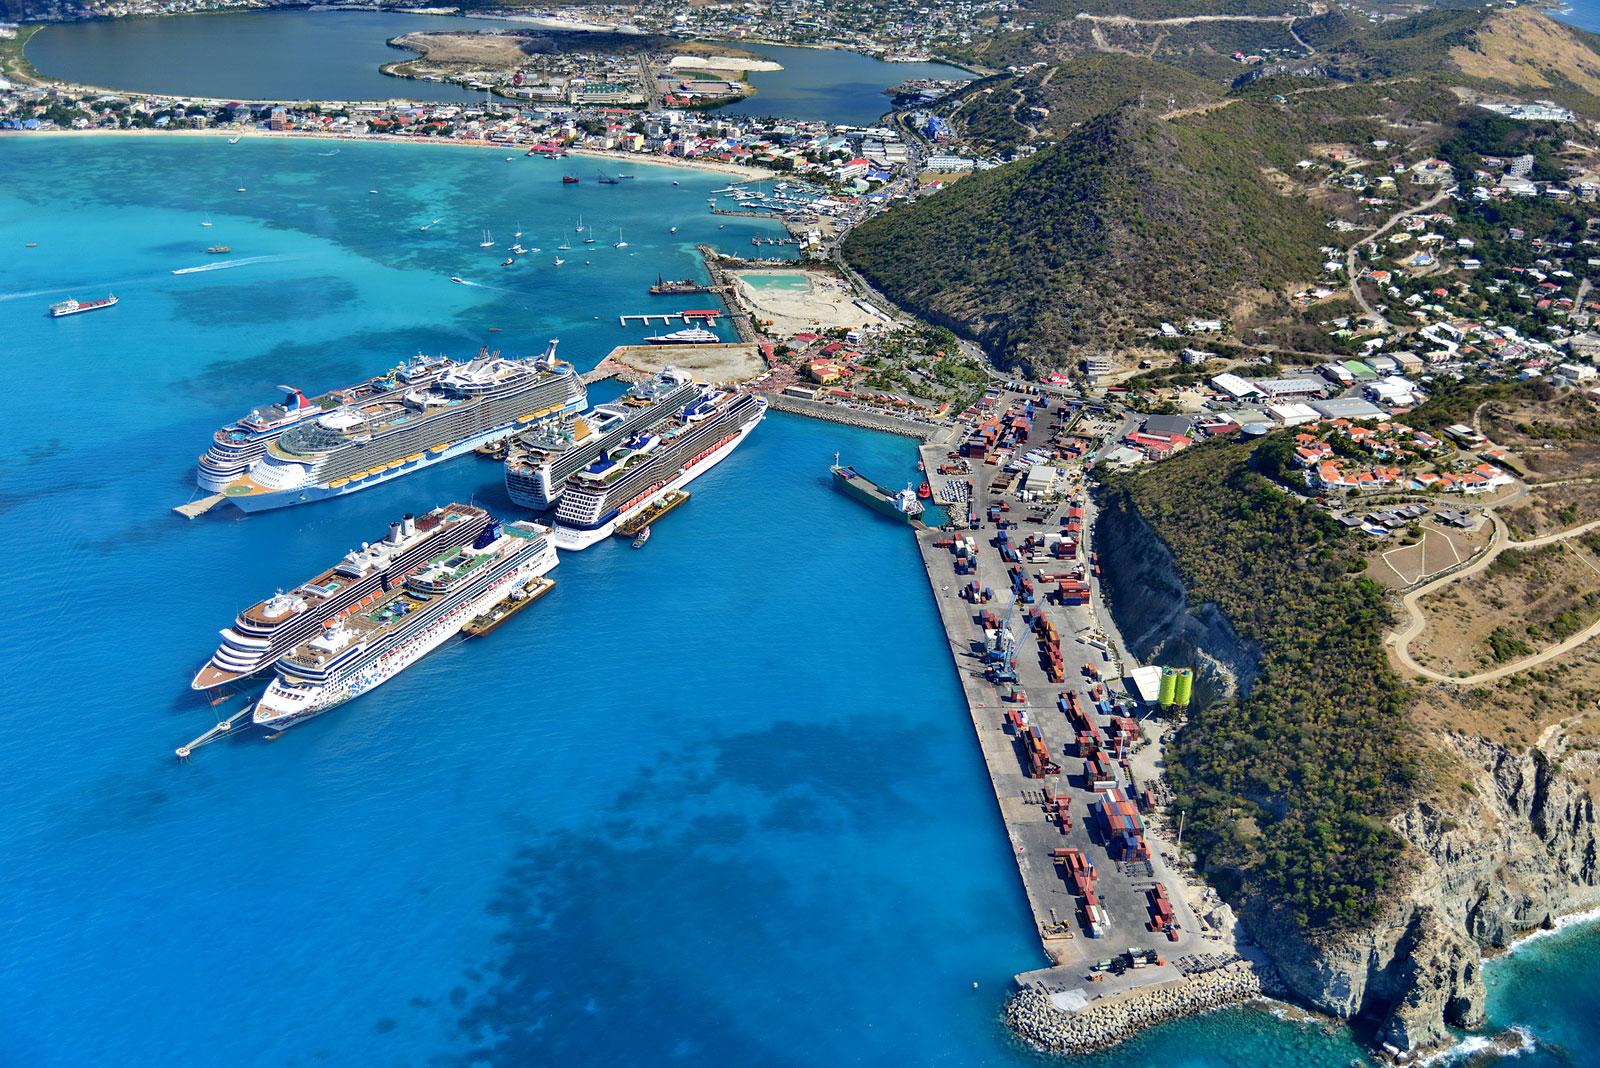 Philipsburg Harbor, Sint Maarten, Dutch West Indies.